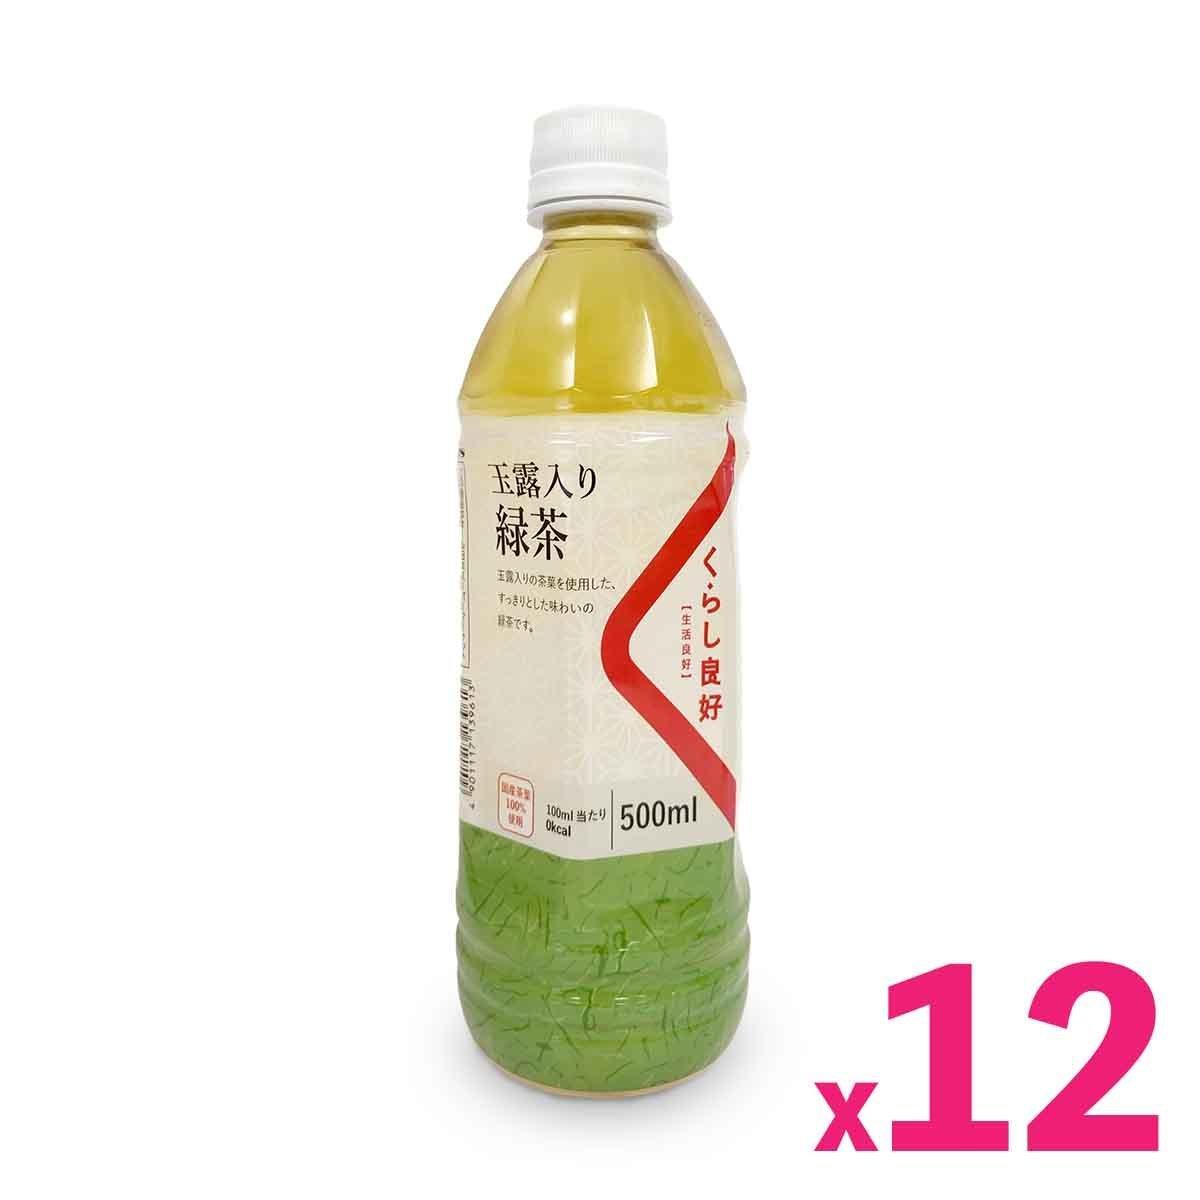 生活良好- 無糖玉露入綠茶 (500毫升) x 12支